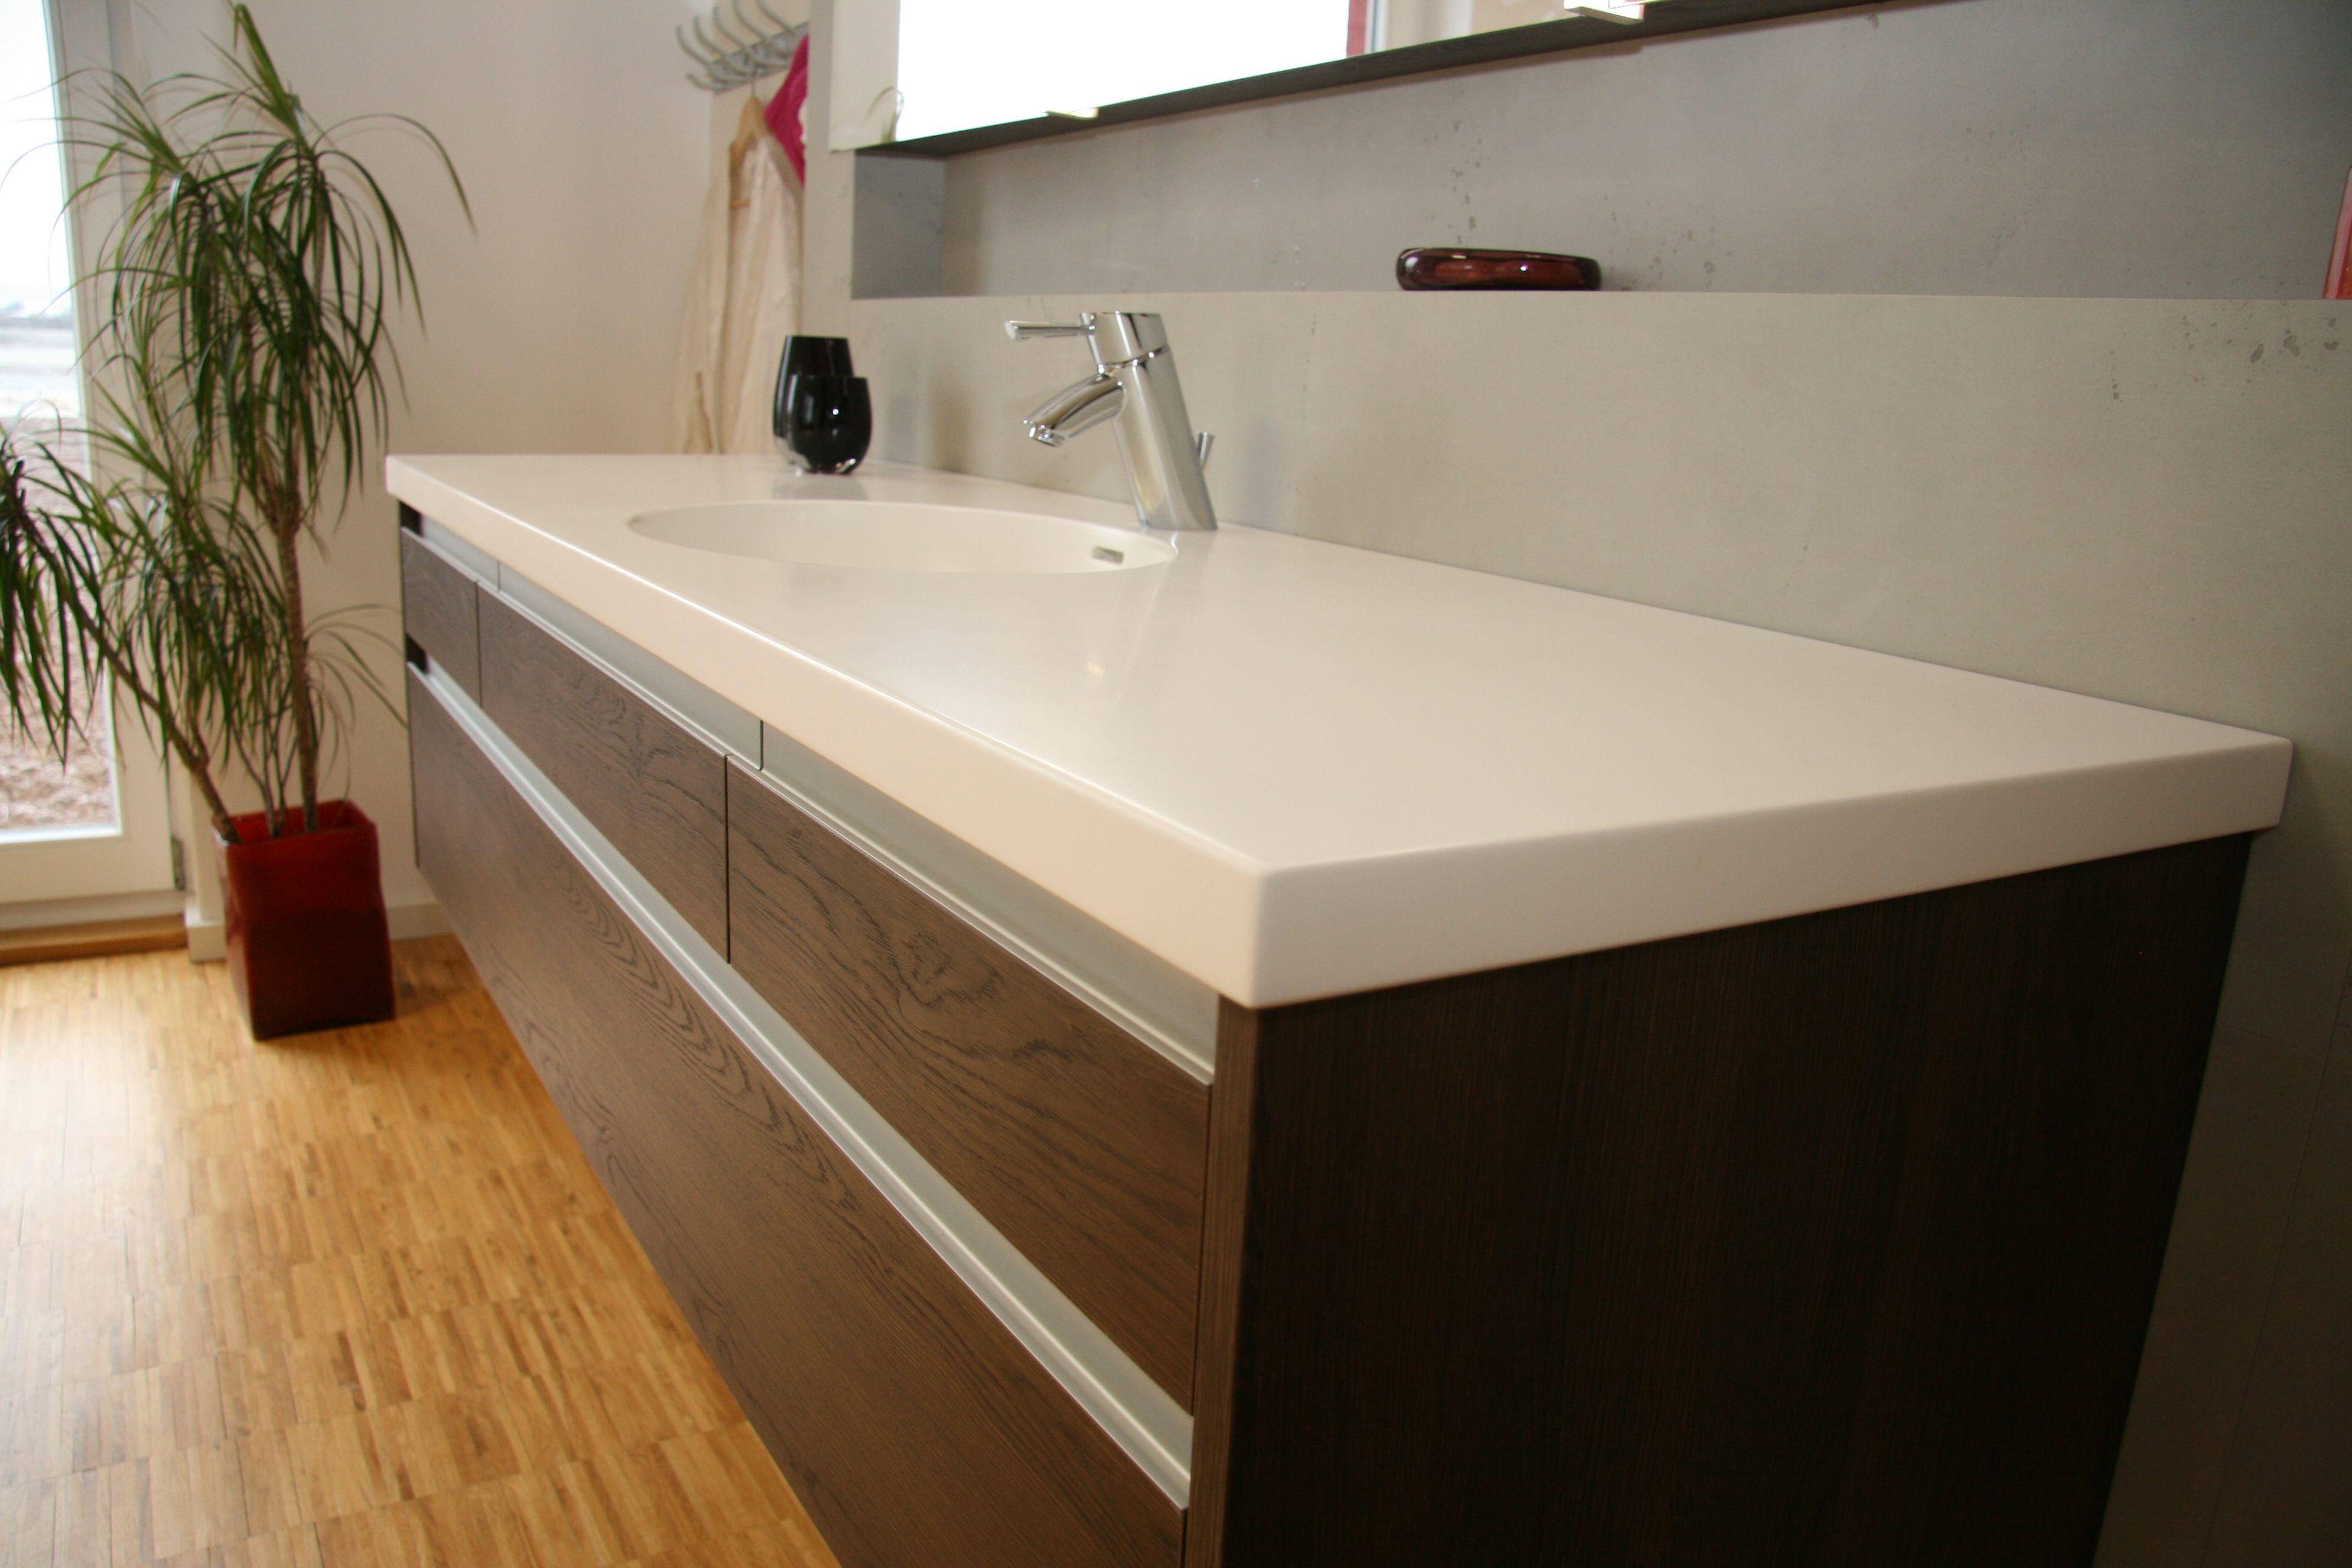 Wir Fertigen Fur Sie Ihre Individuellen Badezimmer Mobel Hier Waschtisch Mit Rundem Becken Und Unterschrank Badezimmer Unterschrank Unterschrank Badezimmer